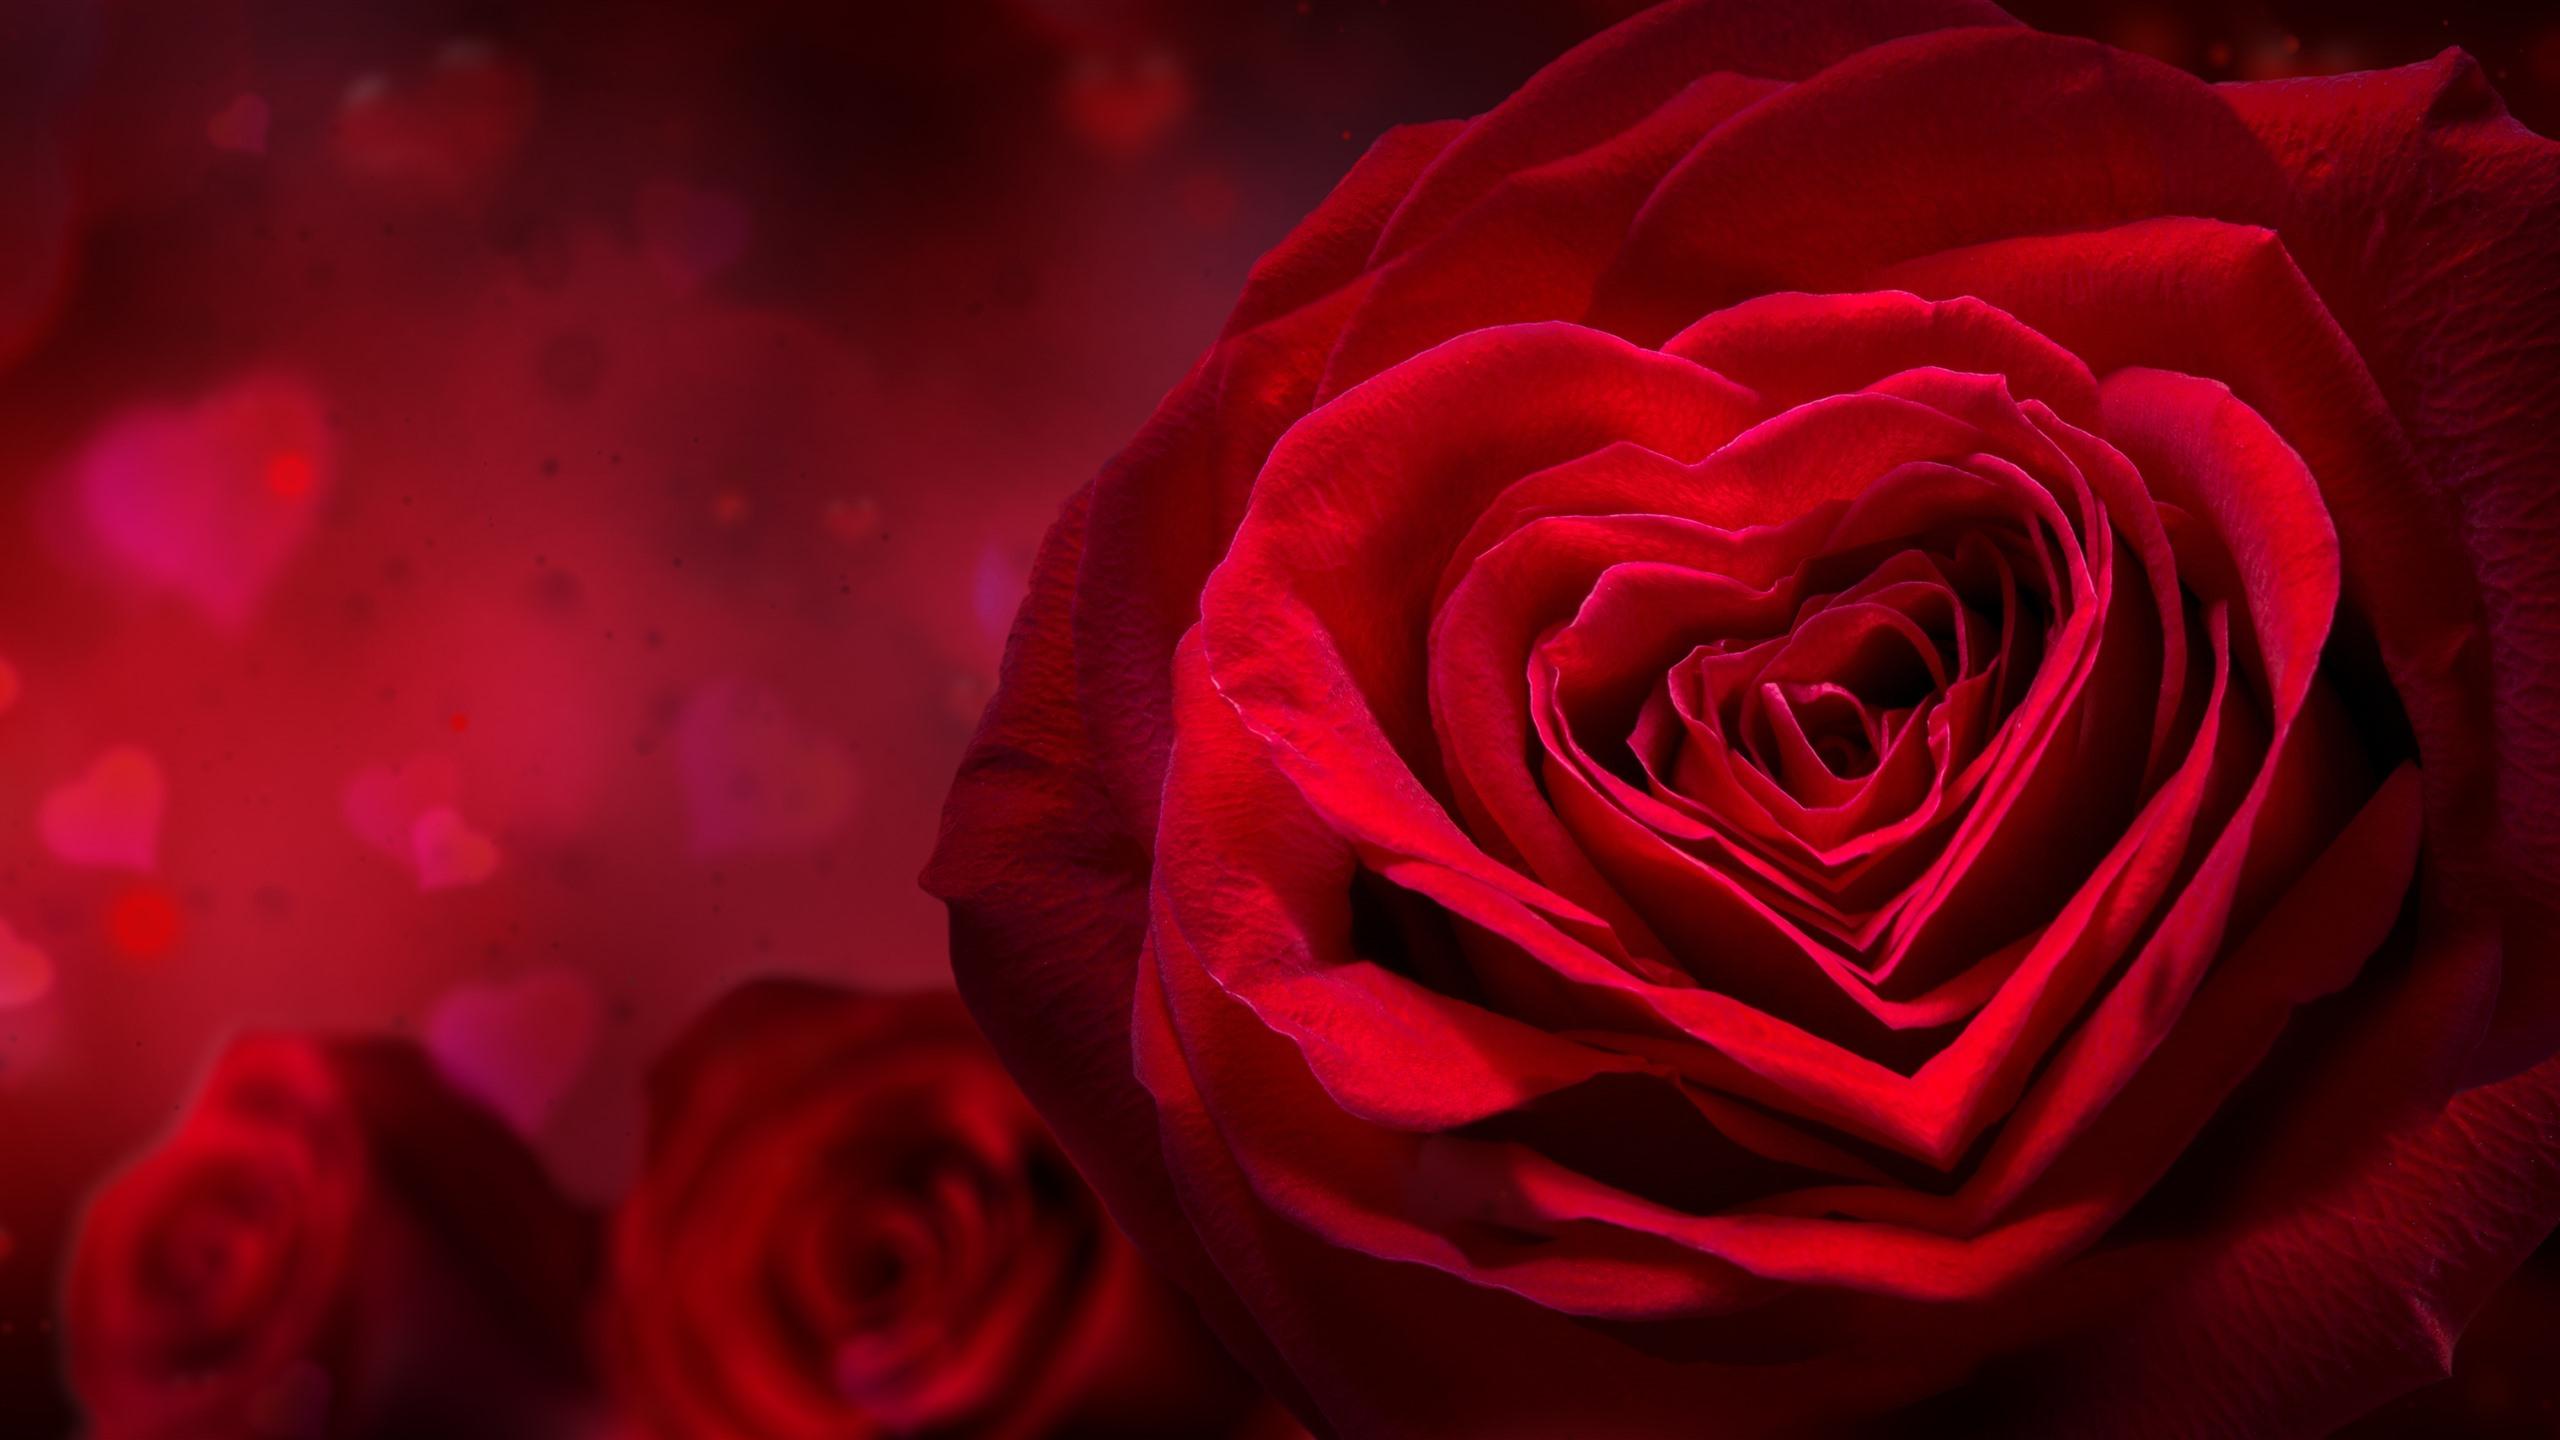 Wallpaper Red Rose Love Heart Petals Romantic 5120x2880